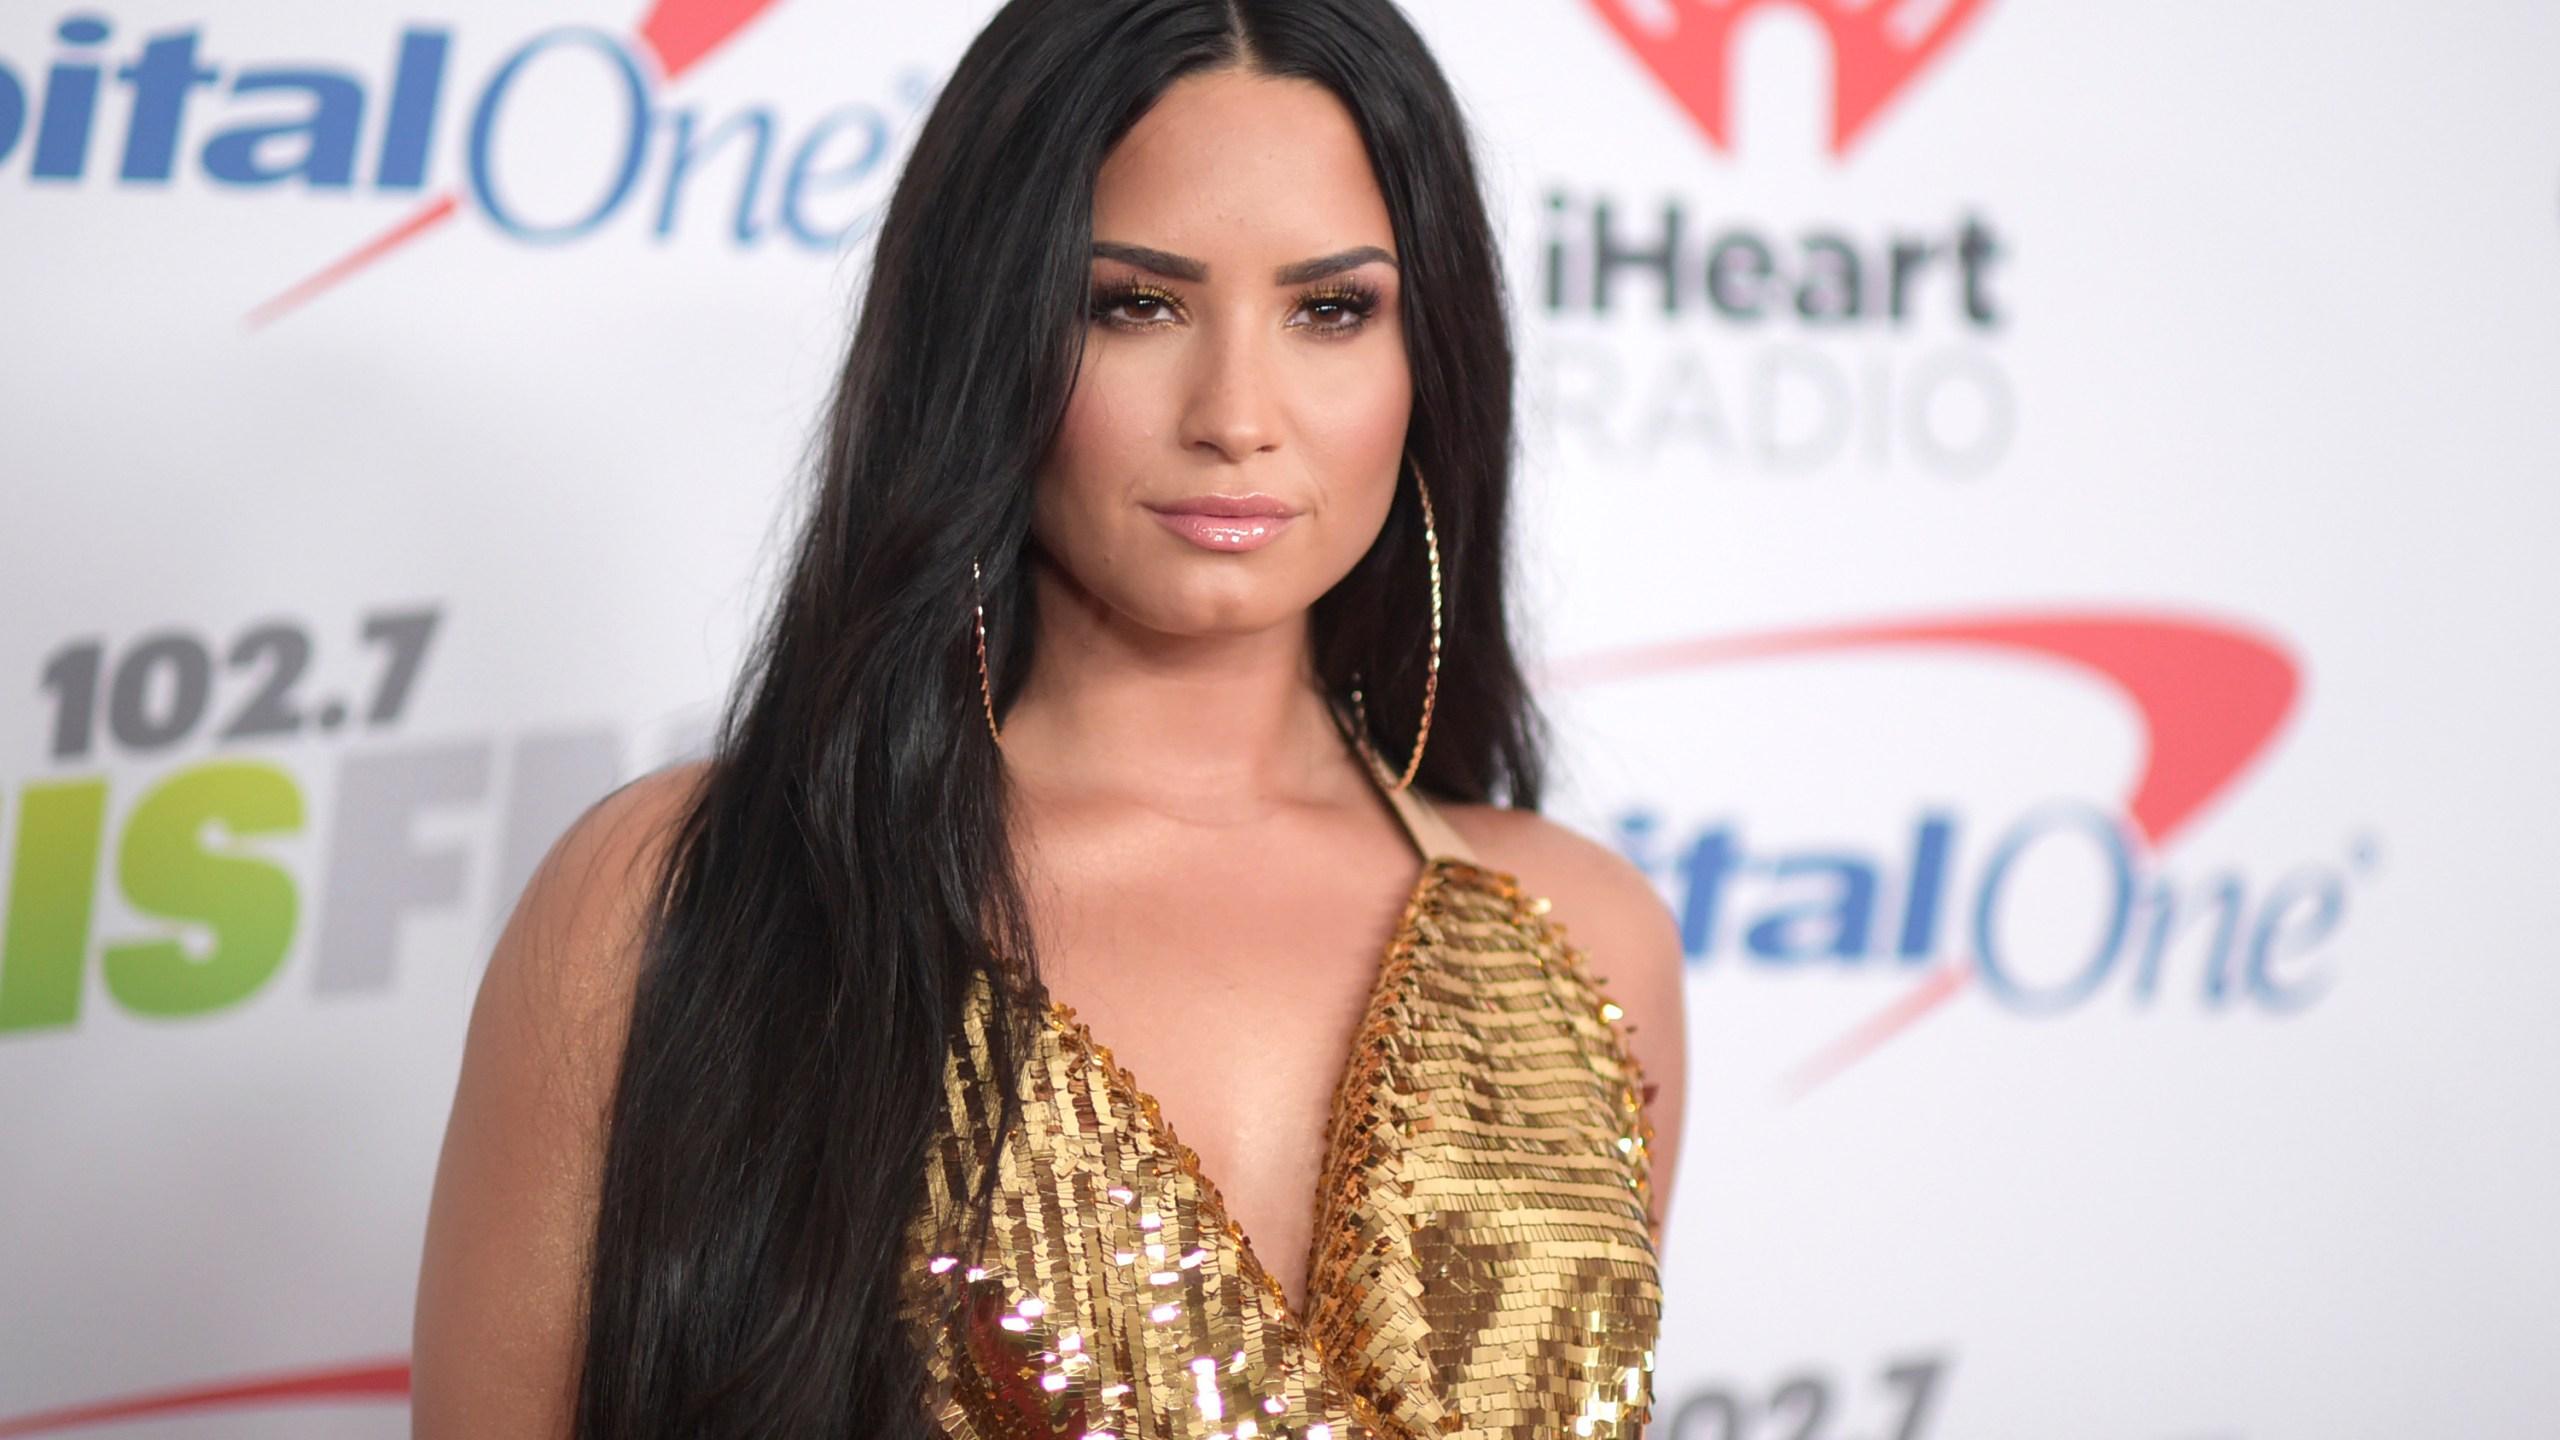 People_Demi_Lovato_16965-159532.jpg85674795